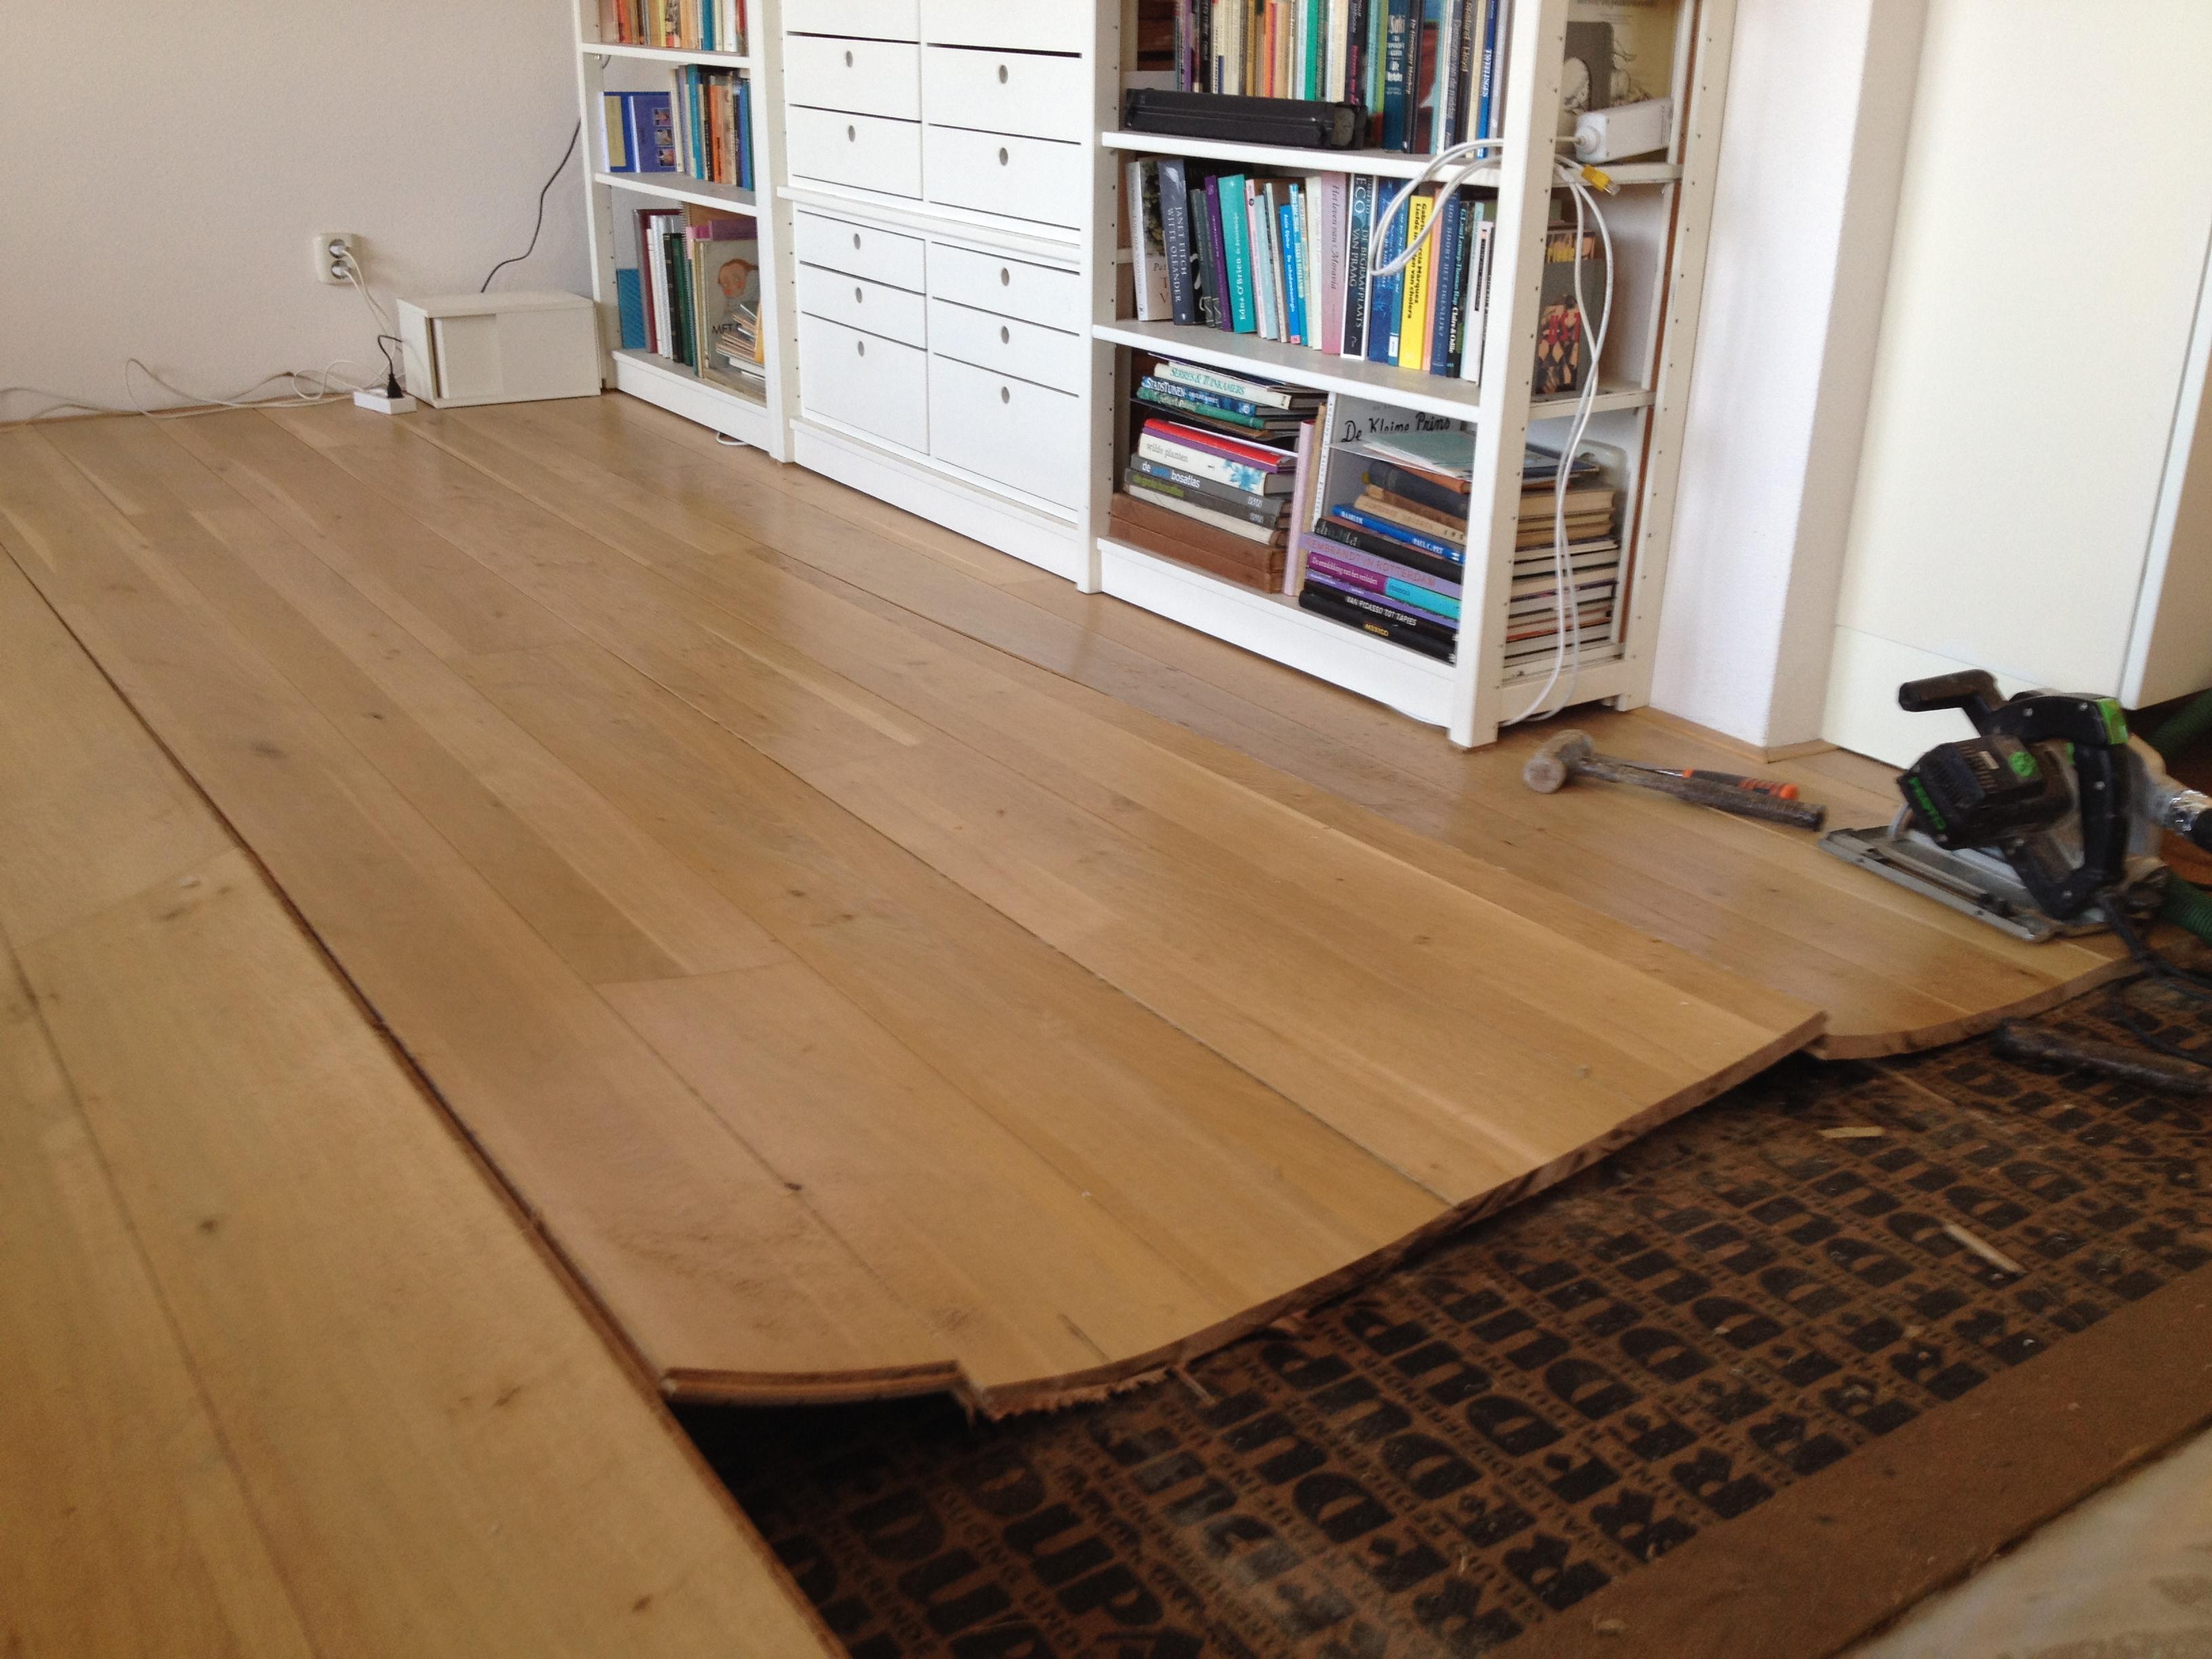 Waterschade houten vloer waterschade eu